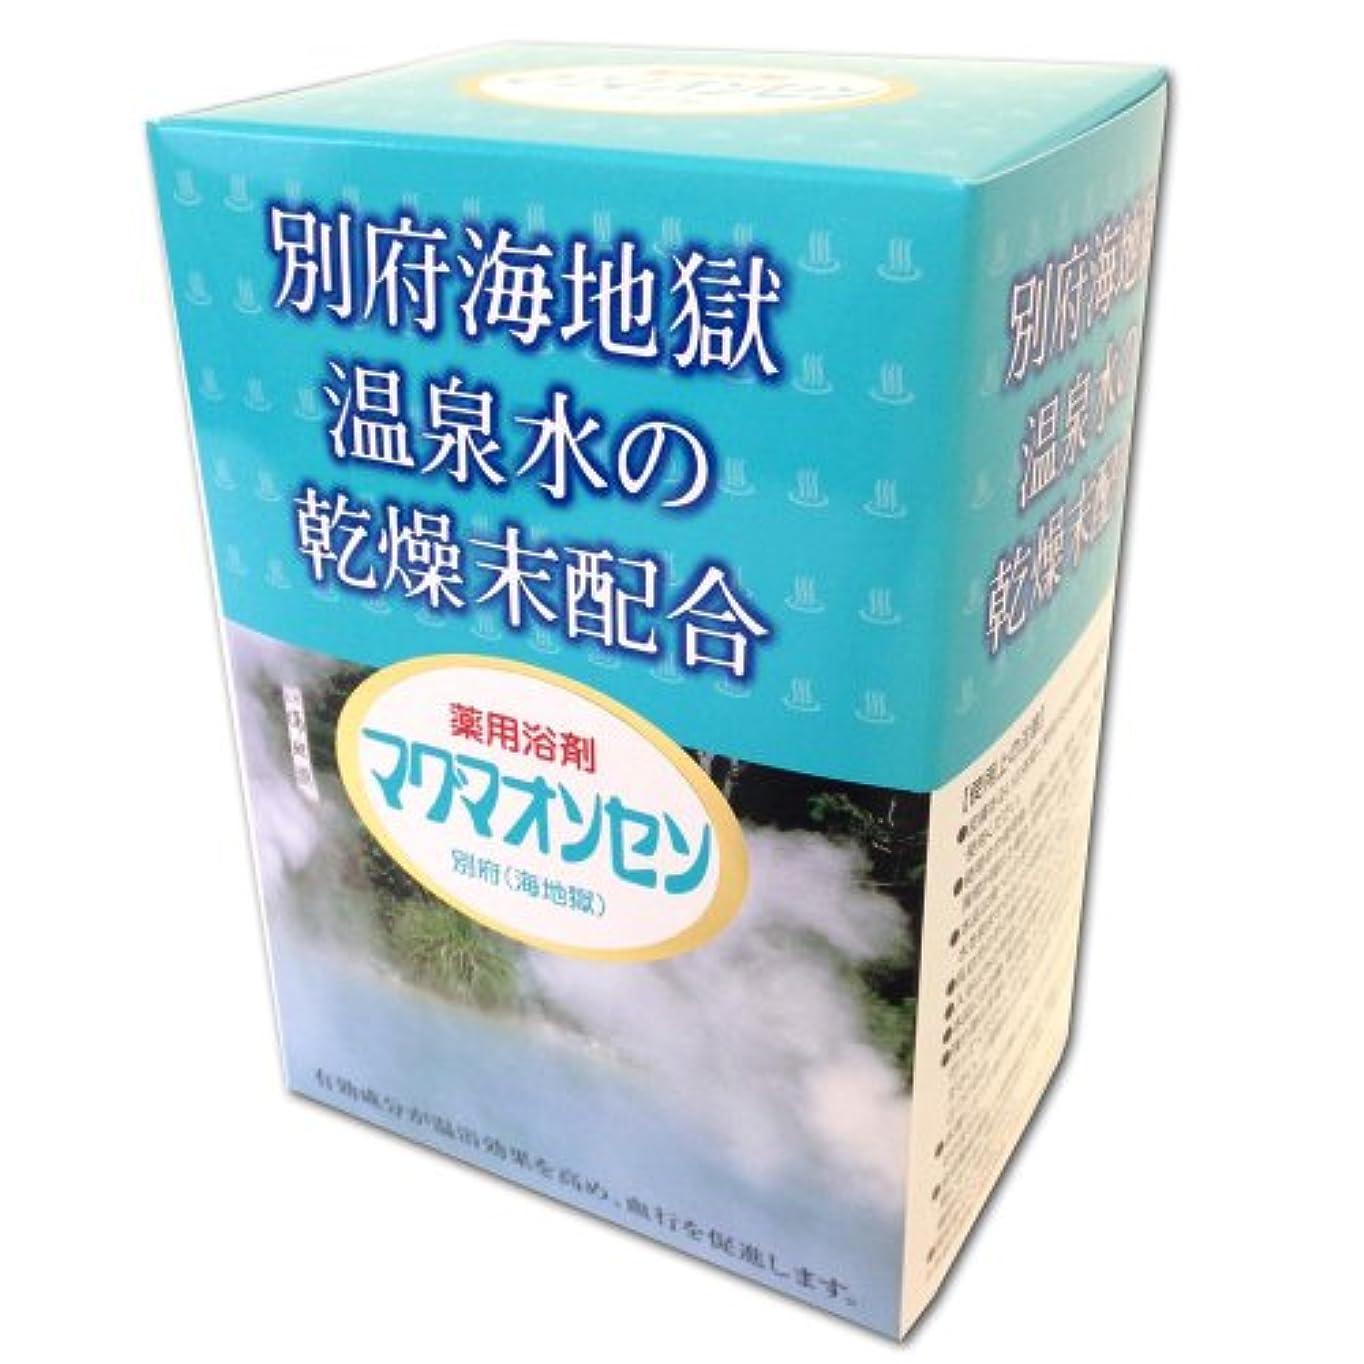 カテナカバレッジ効能あるマグマオンセン(海地獄) 15g×21包   日本薬品開発